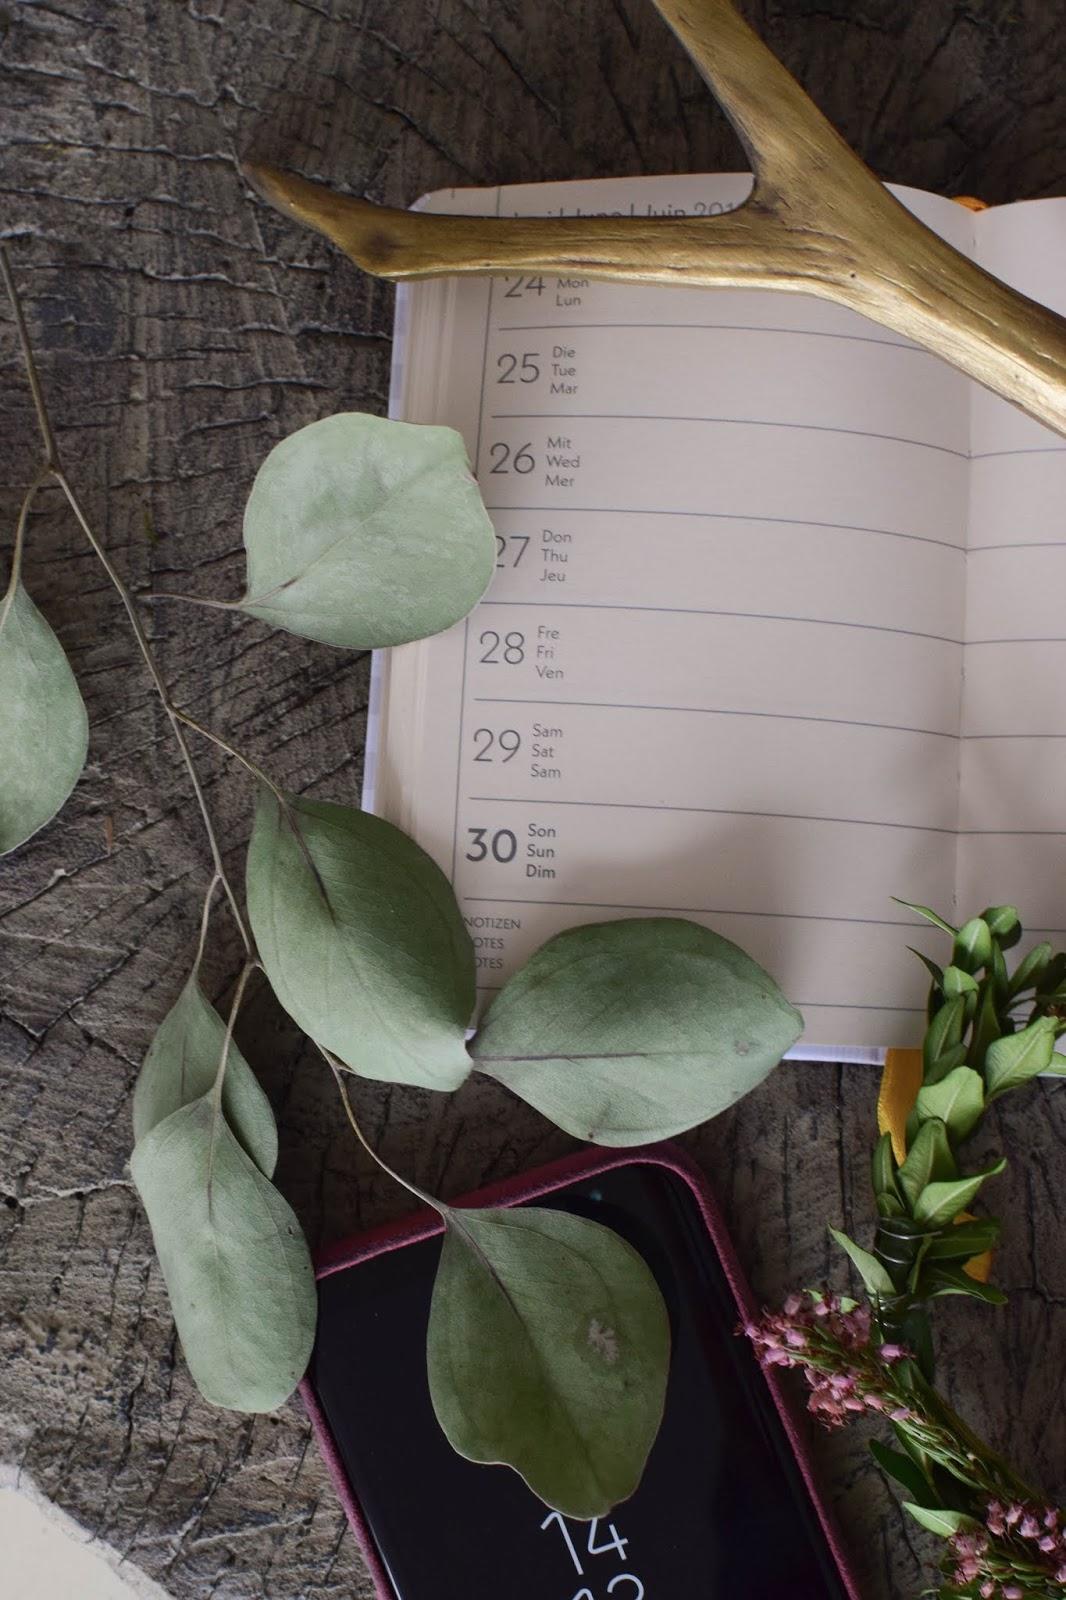 Gut organisiert mit Terminplaner Kalender 2019 von teNeues